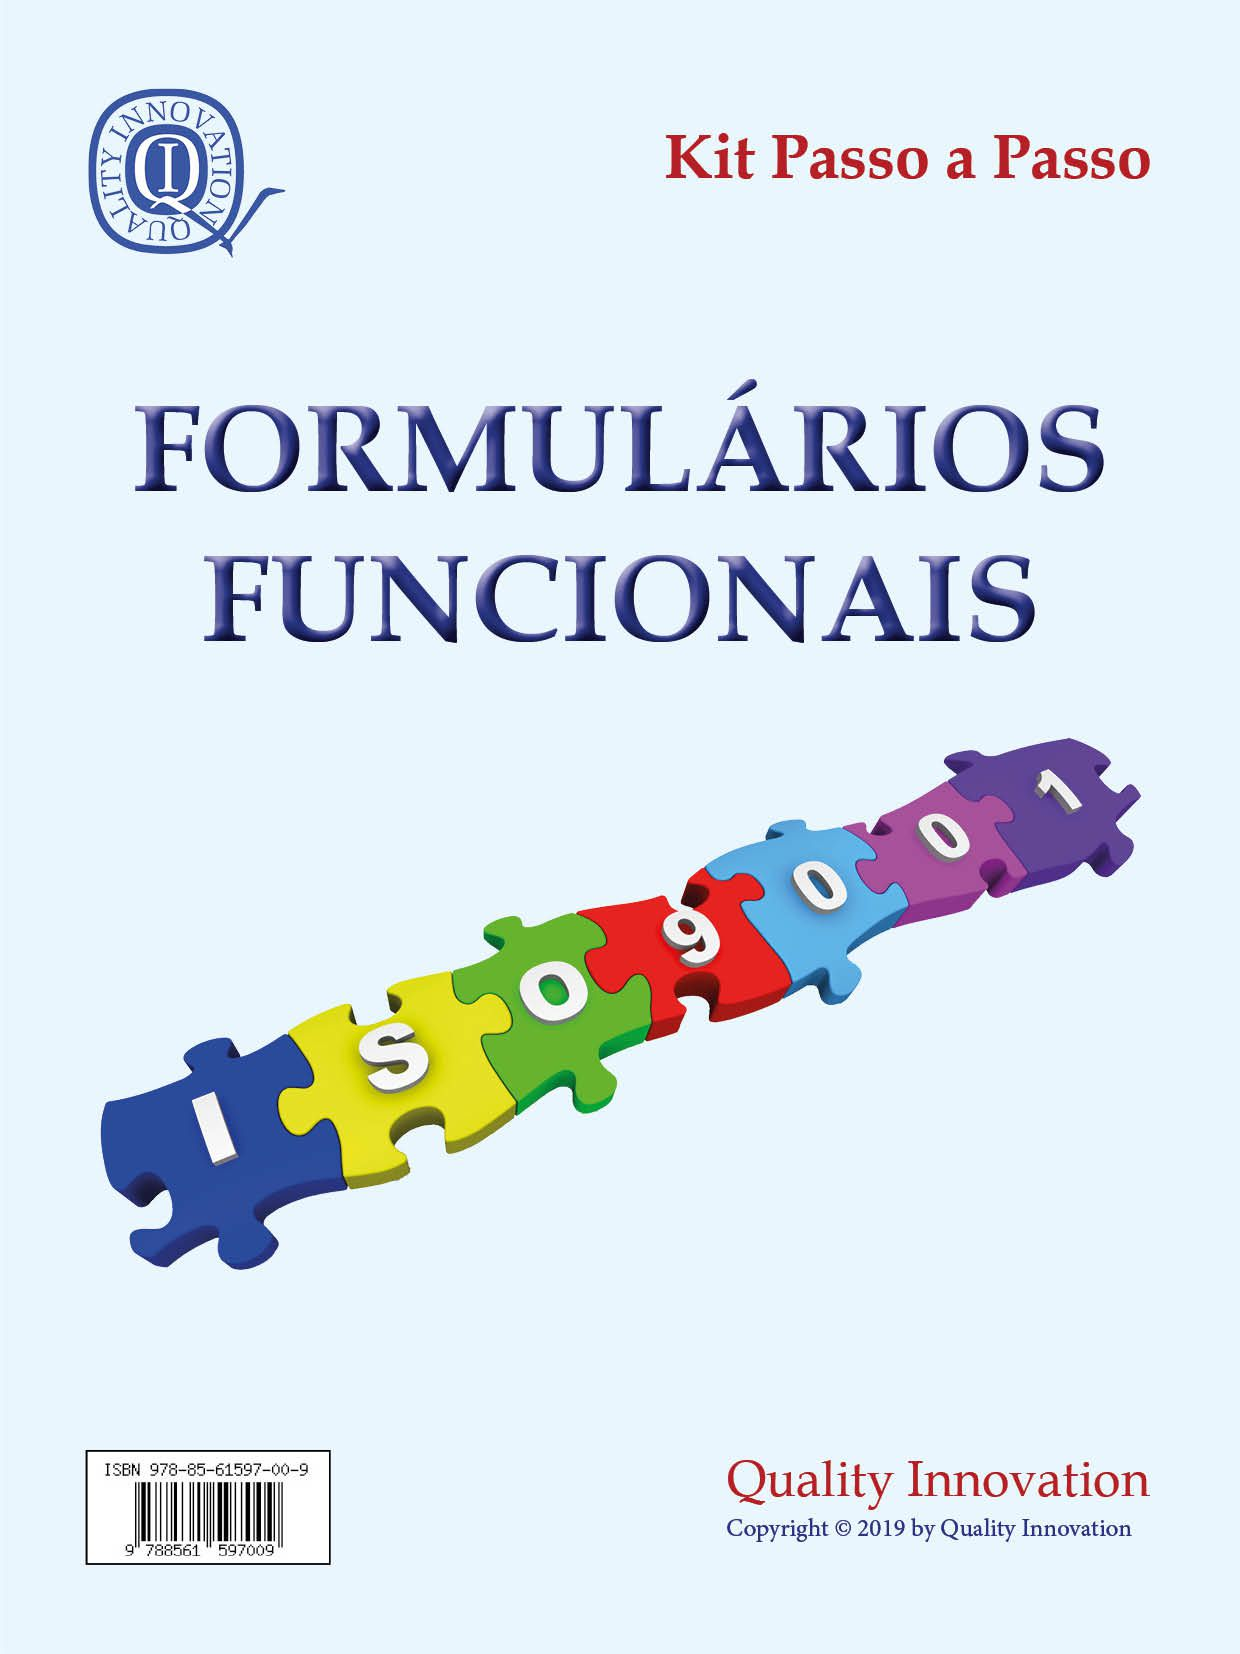 Formulários Funcionais da norma ISO 9001  - www.qualistore.net.br